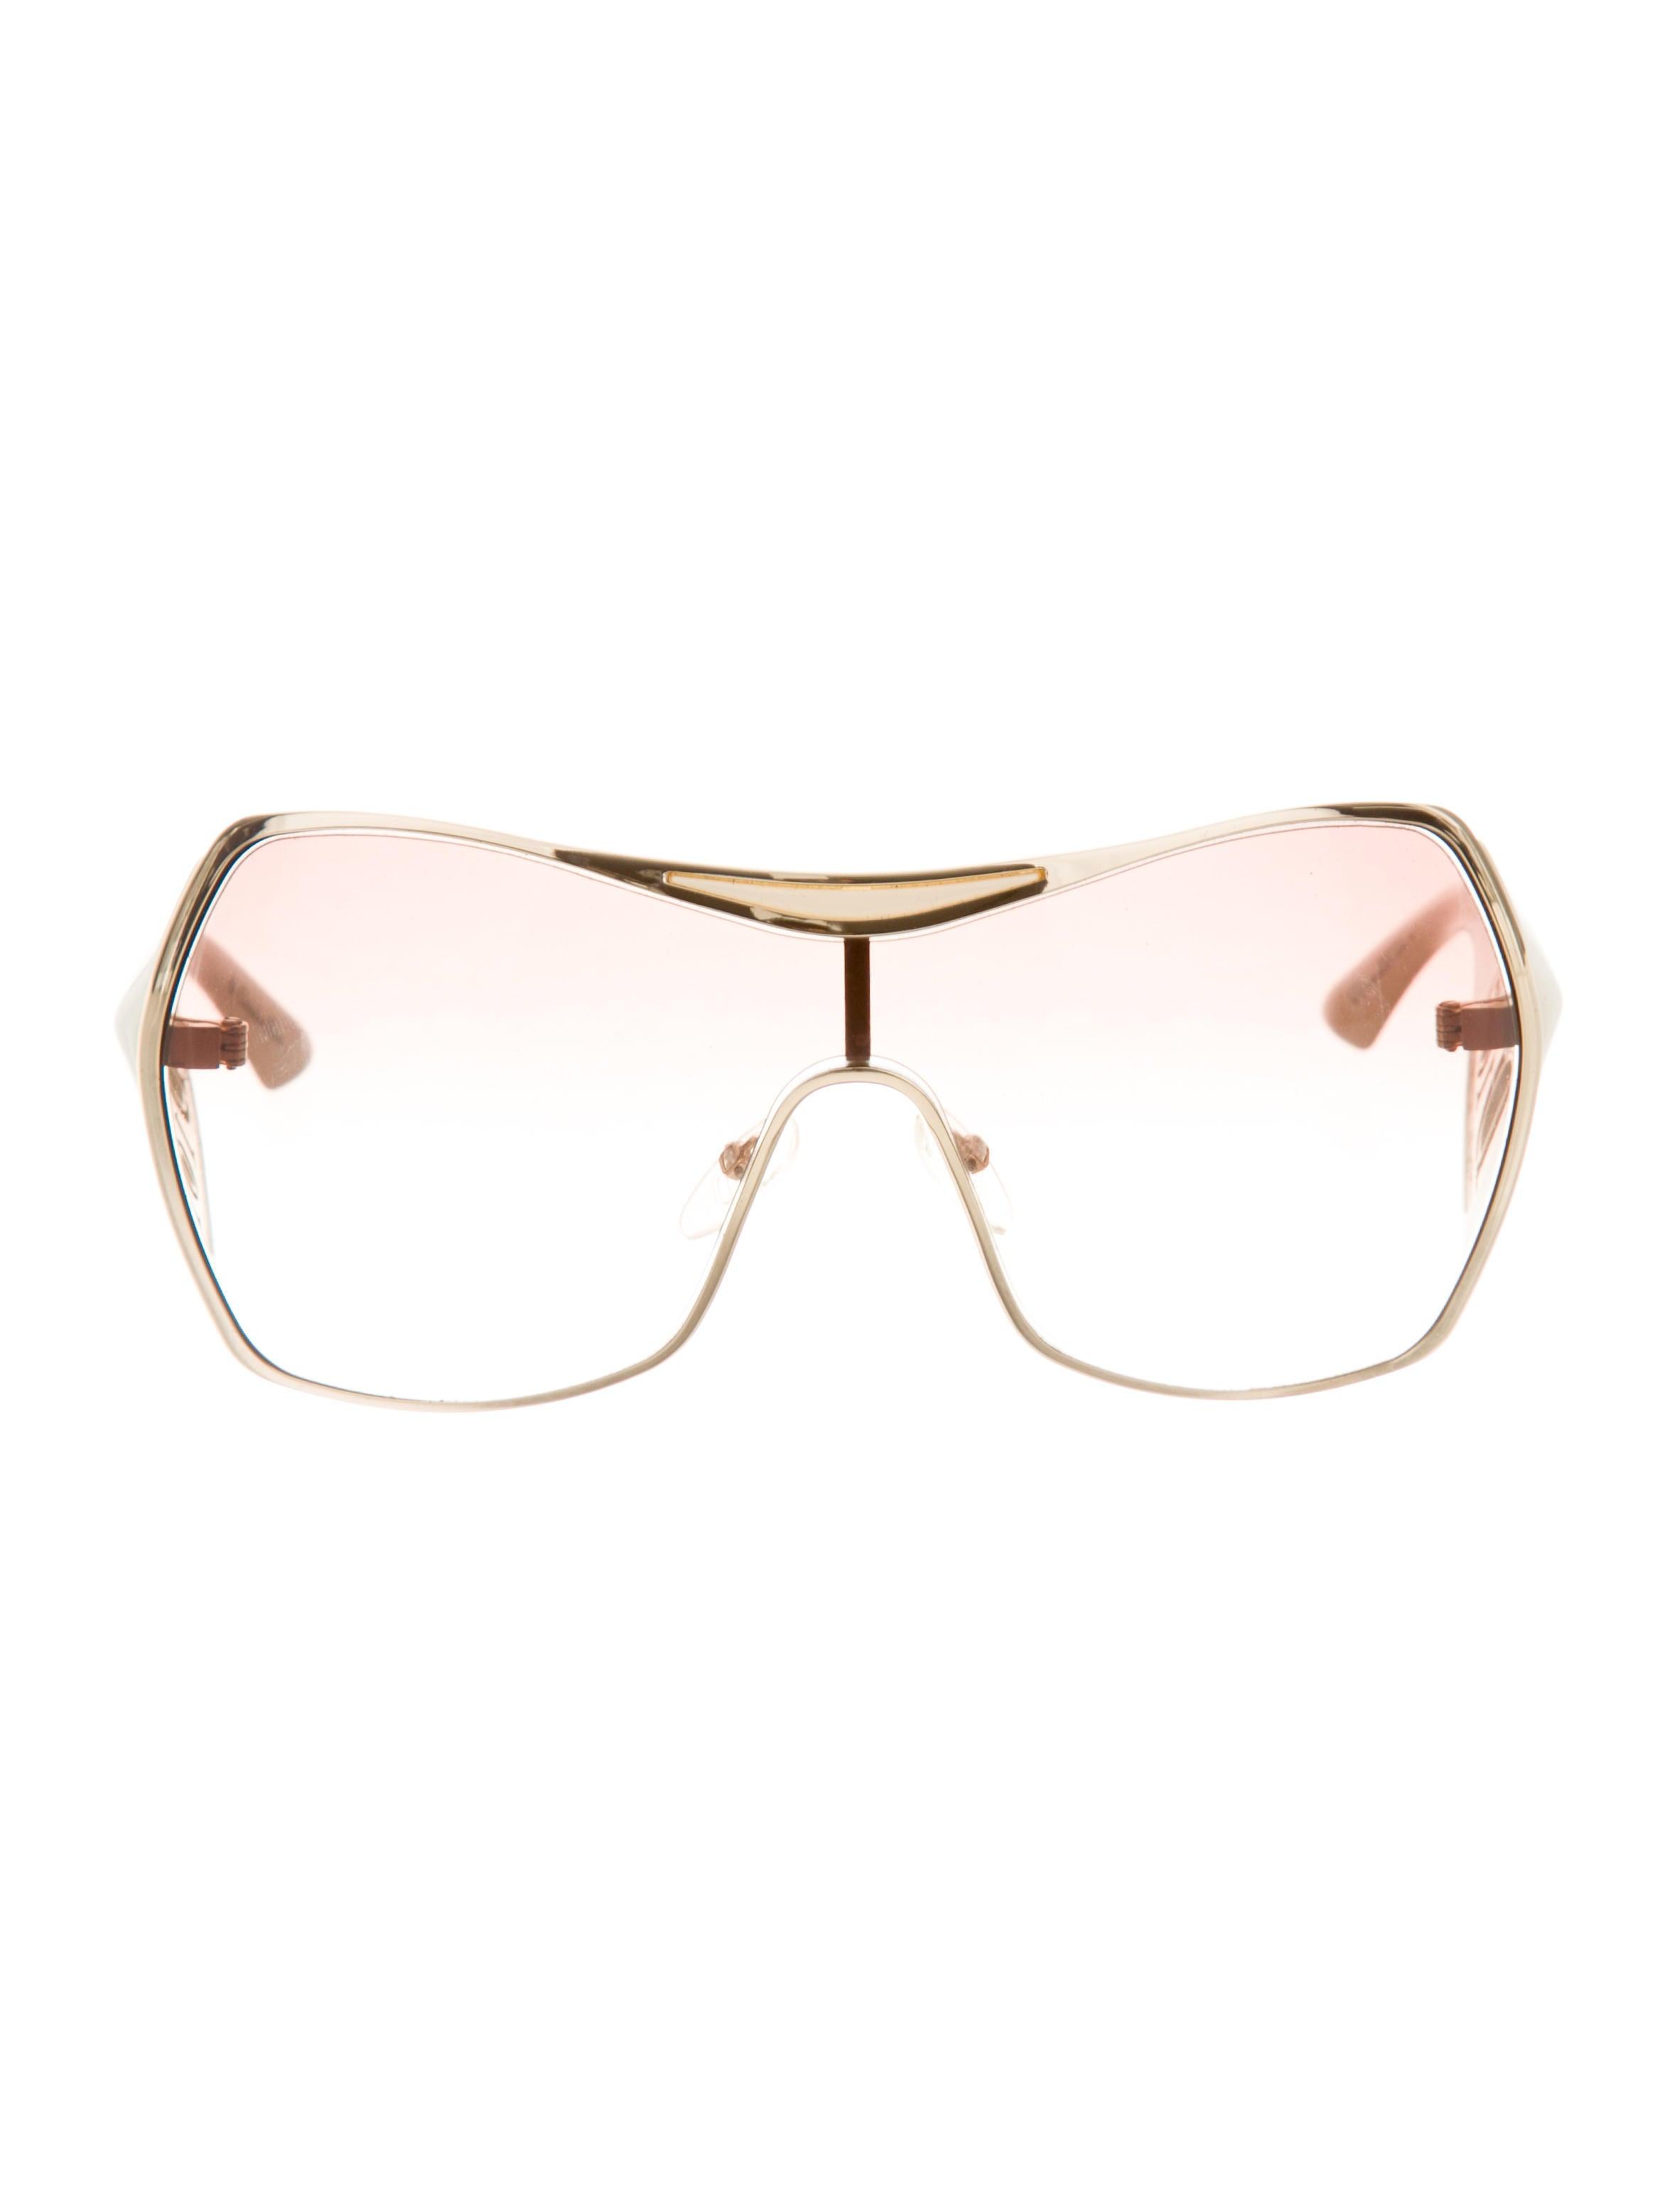 25a7dca7d65b0 Christian Dior Gaucho 2 Sunglasses - Accessories - CHR45660